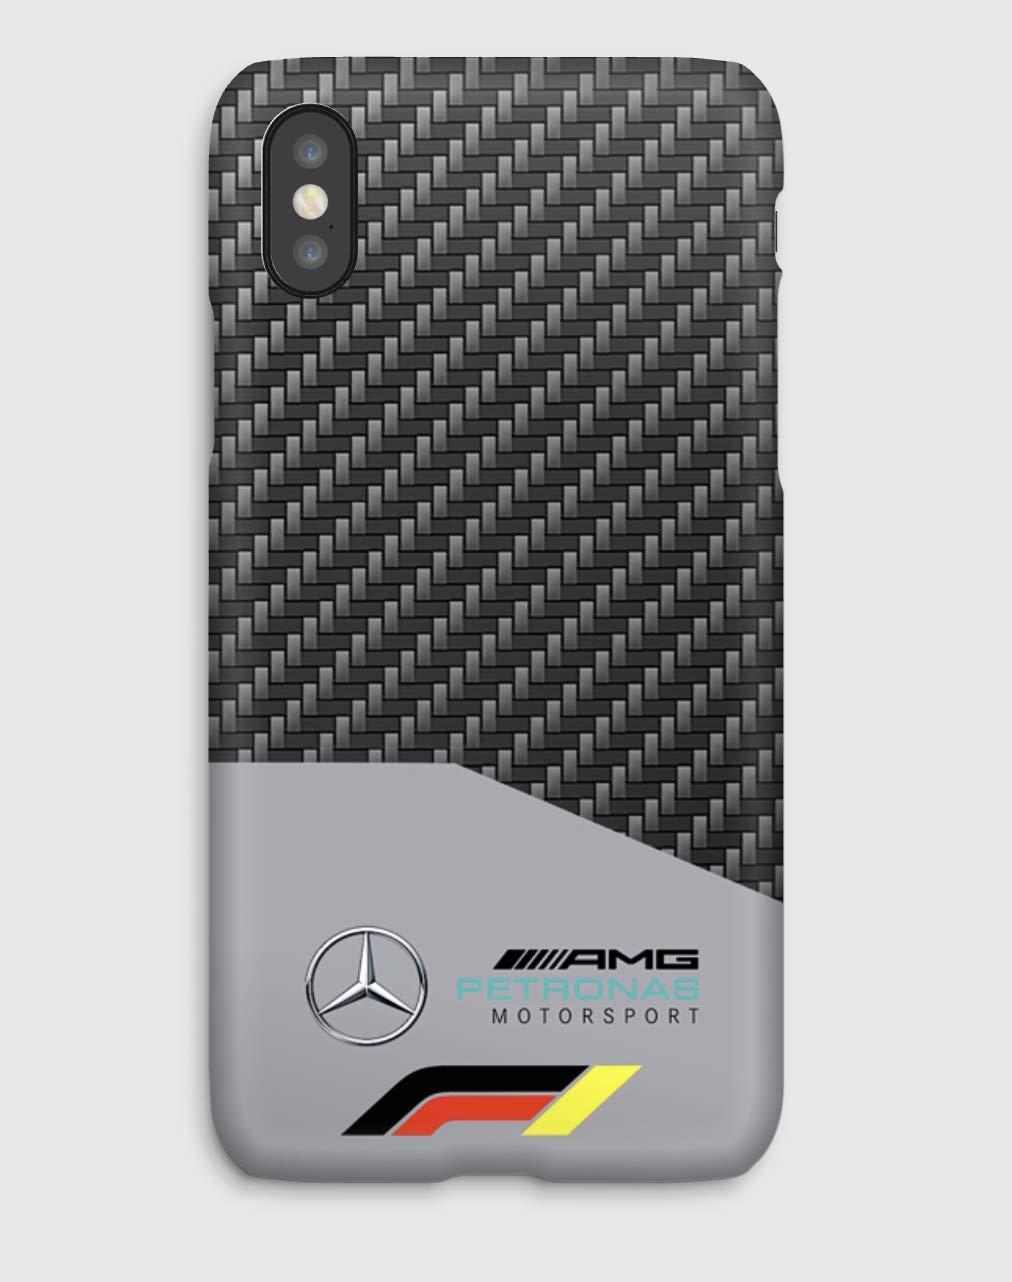 F1 Mercedes Funda para el iPhone XS, XS Max, XR, X, 8, 8+, 7, 7+, 6S, 6, 6S+, 6+, 5C, 5, 5S, 5SE, 4S, 4,